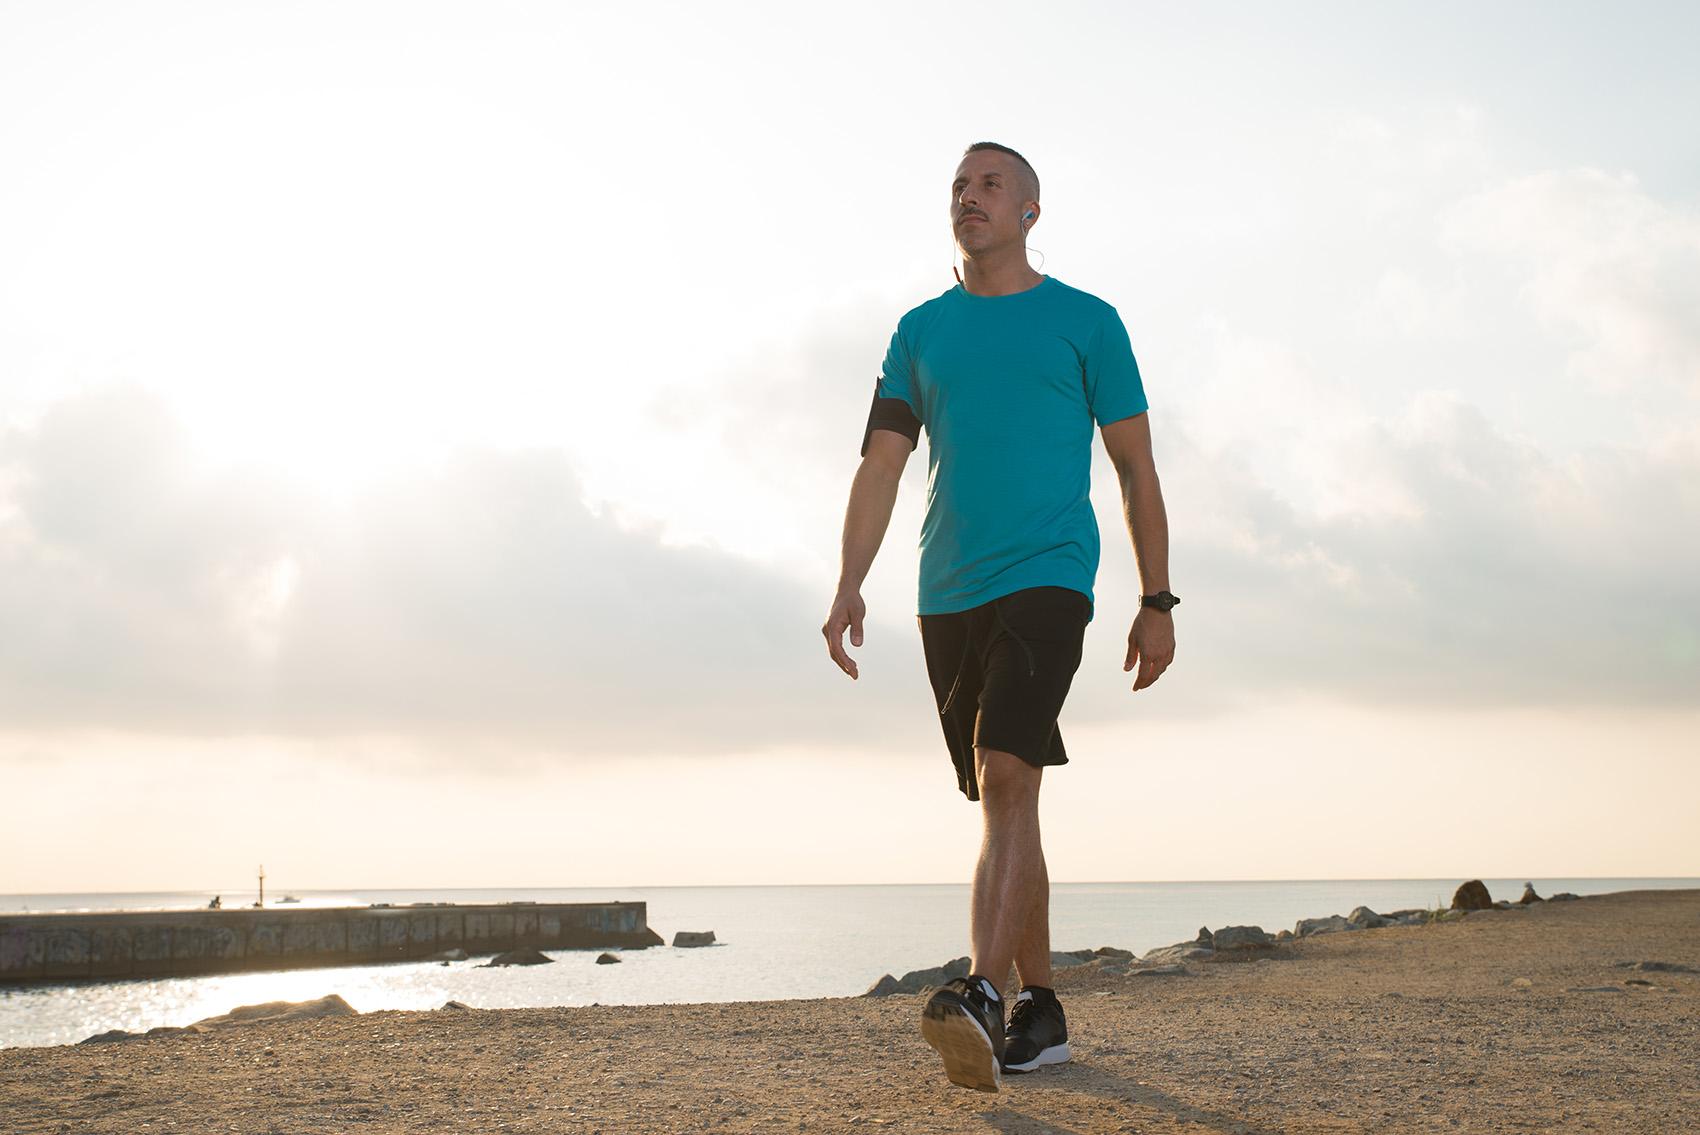 فوائد المشي بعد تناول الوجبات